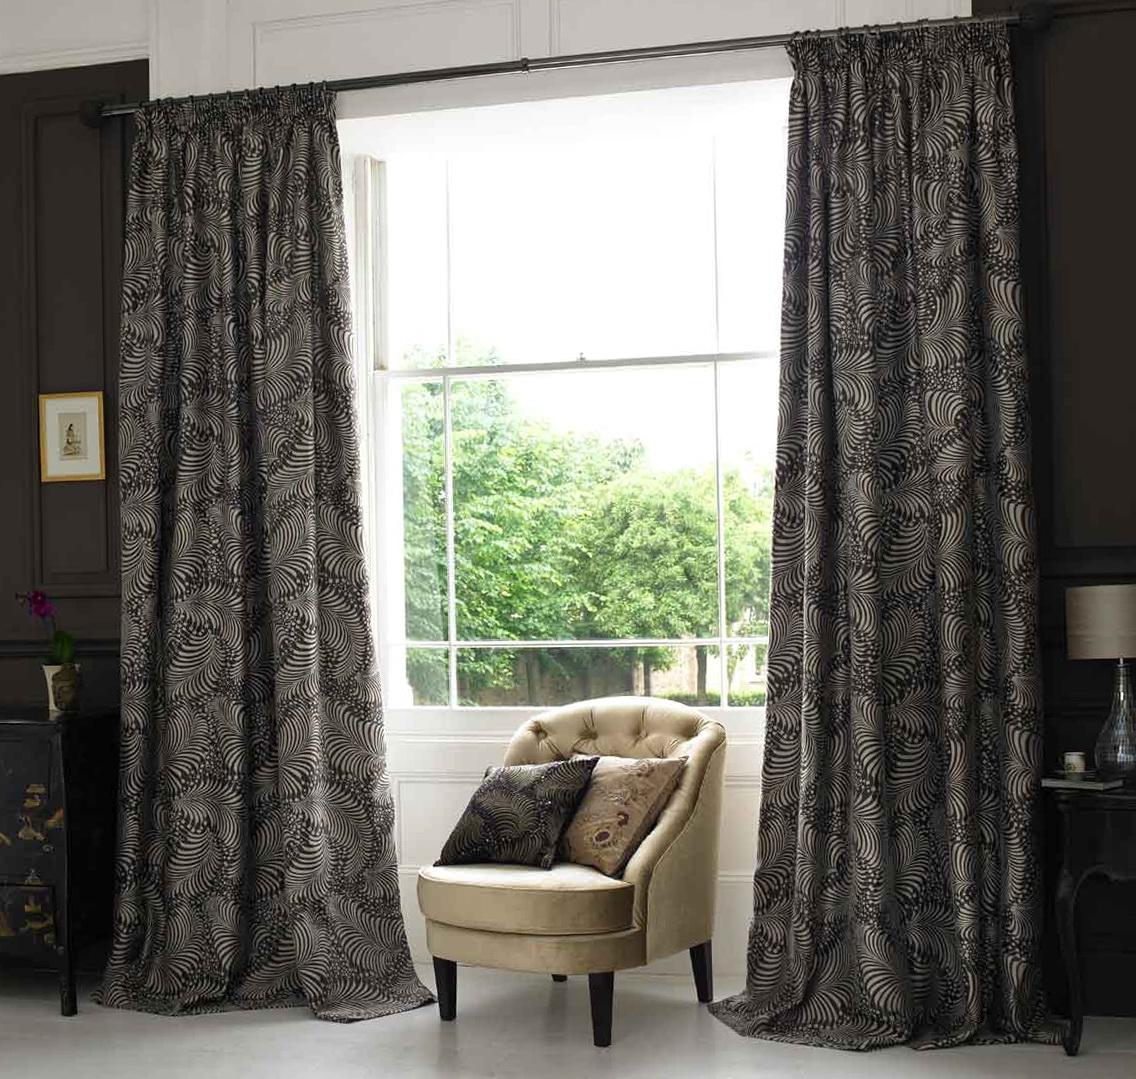 Black Bedroom Window Curtains